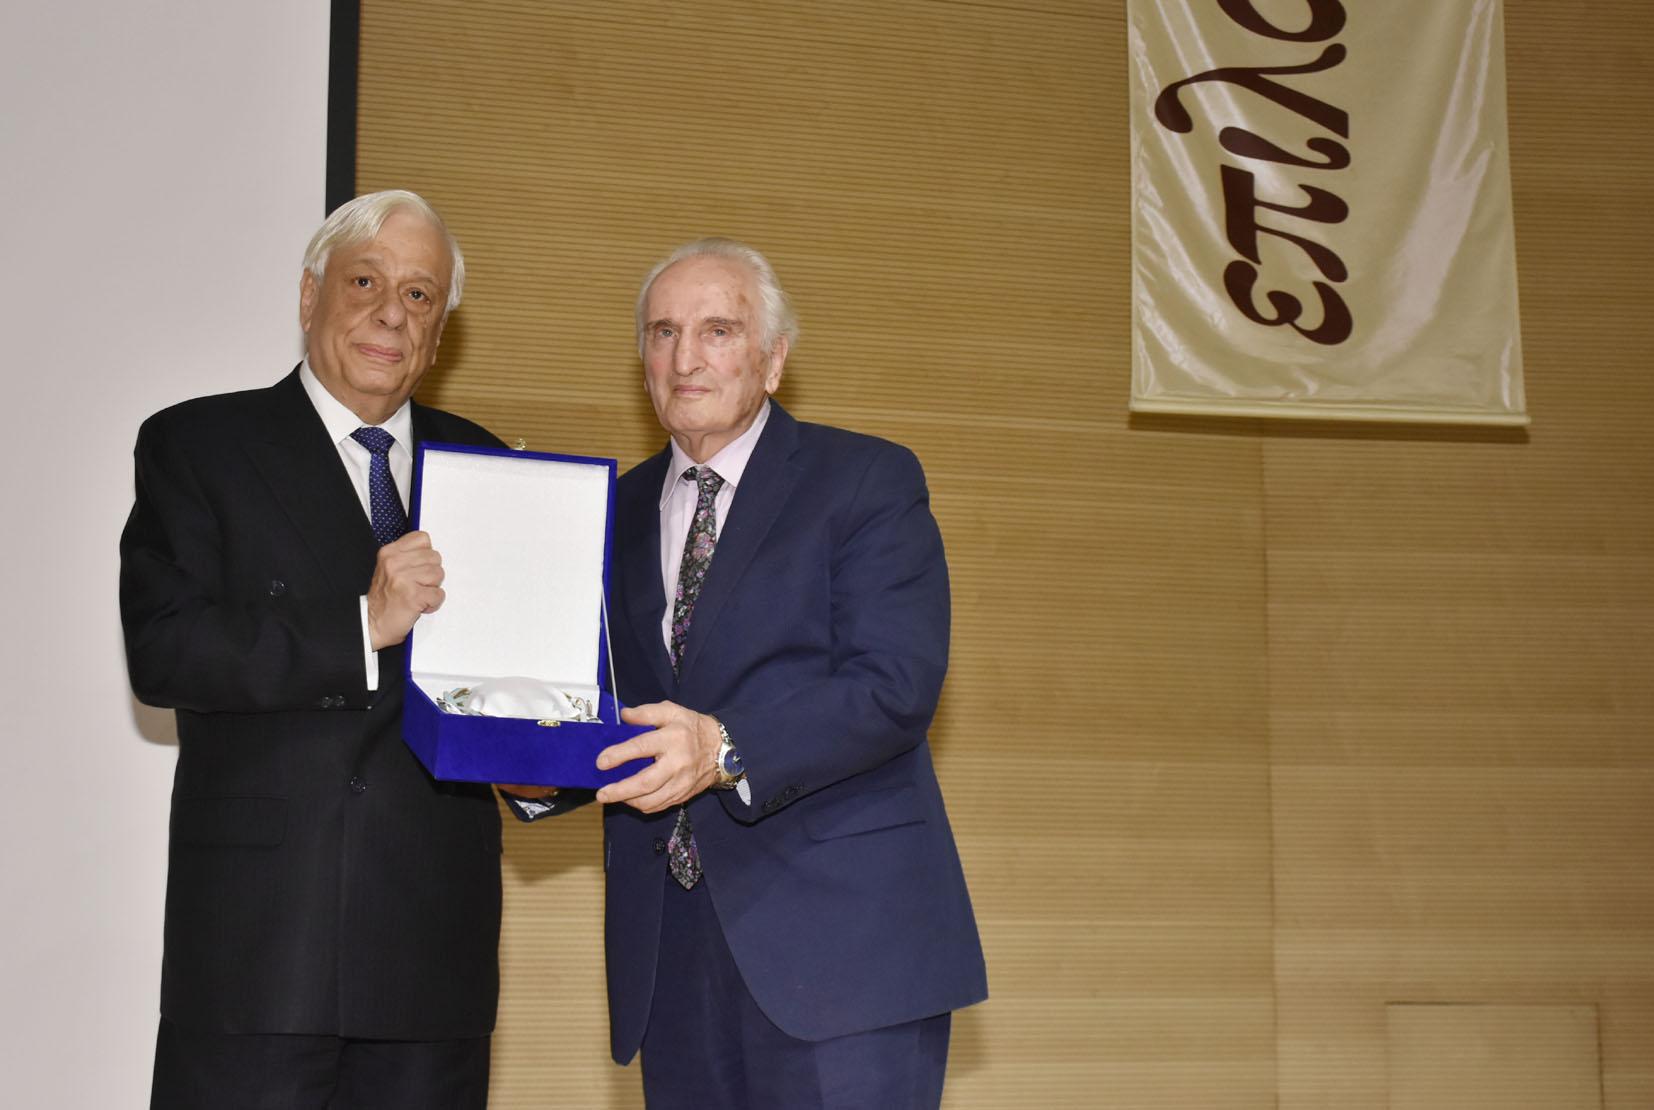 Ο Πρόεδρος της Δημοκρατίας κύριος Προκόπιος Παυλόπουλος επιδίδει το βραβείο στον κ. Νικήτα Τσακίρογλου